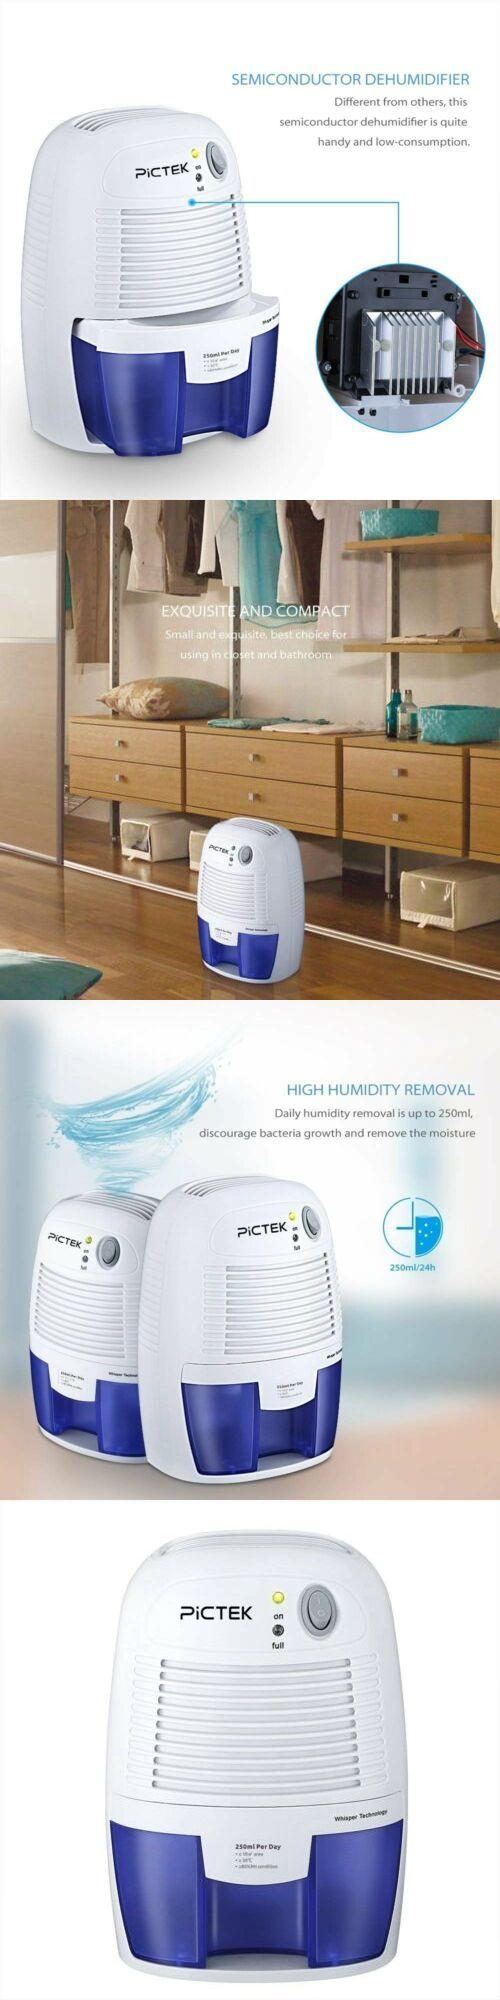 Dehumidifiers 79621 Mini Portable Air Dehumidifier